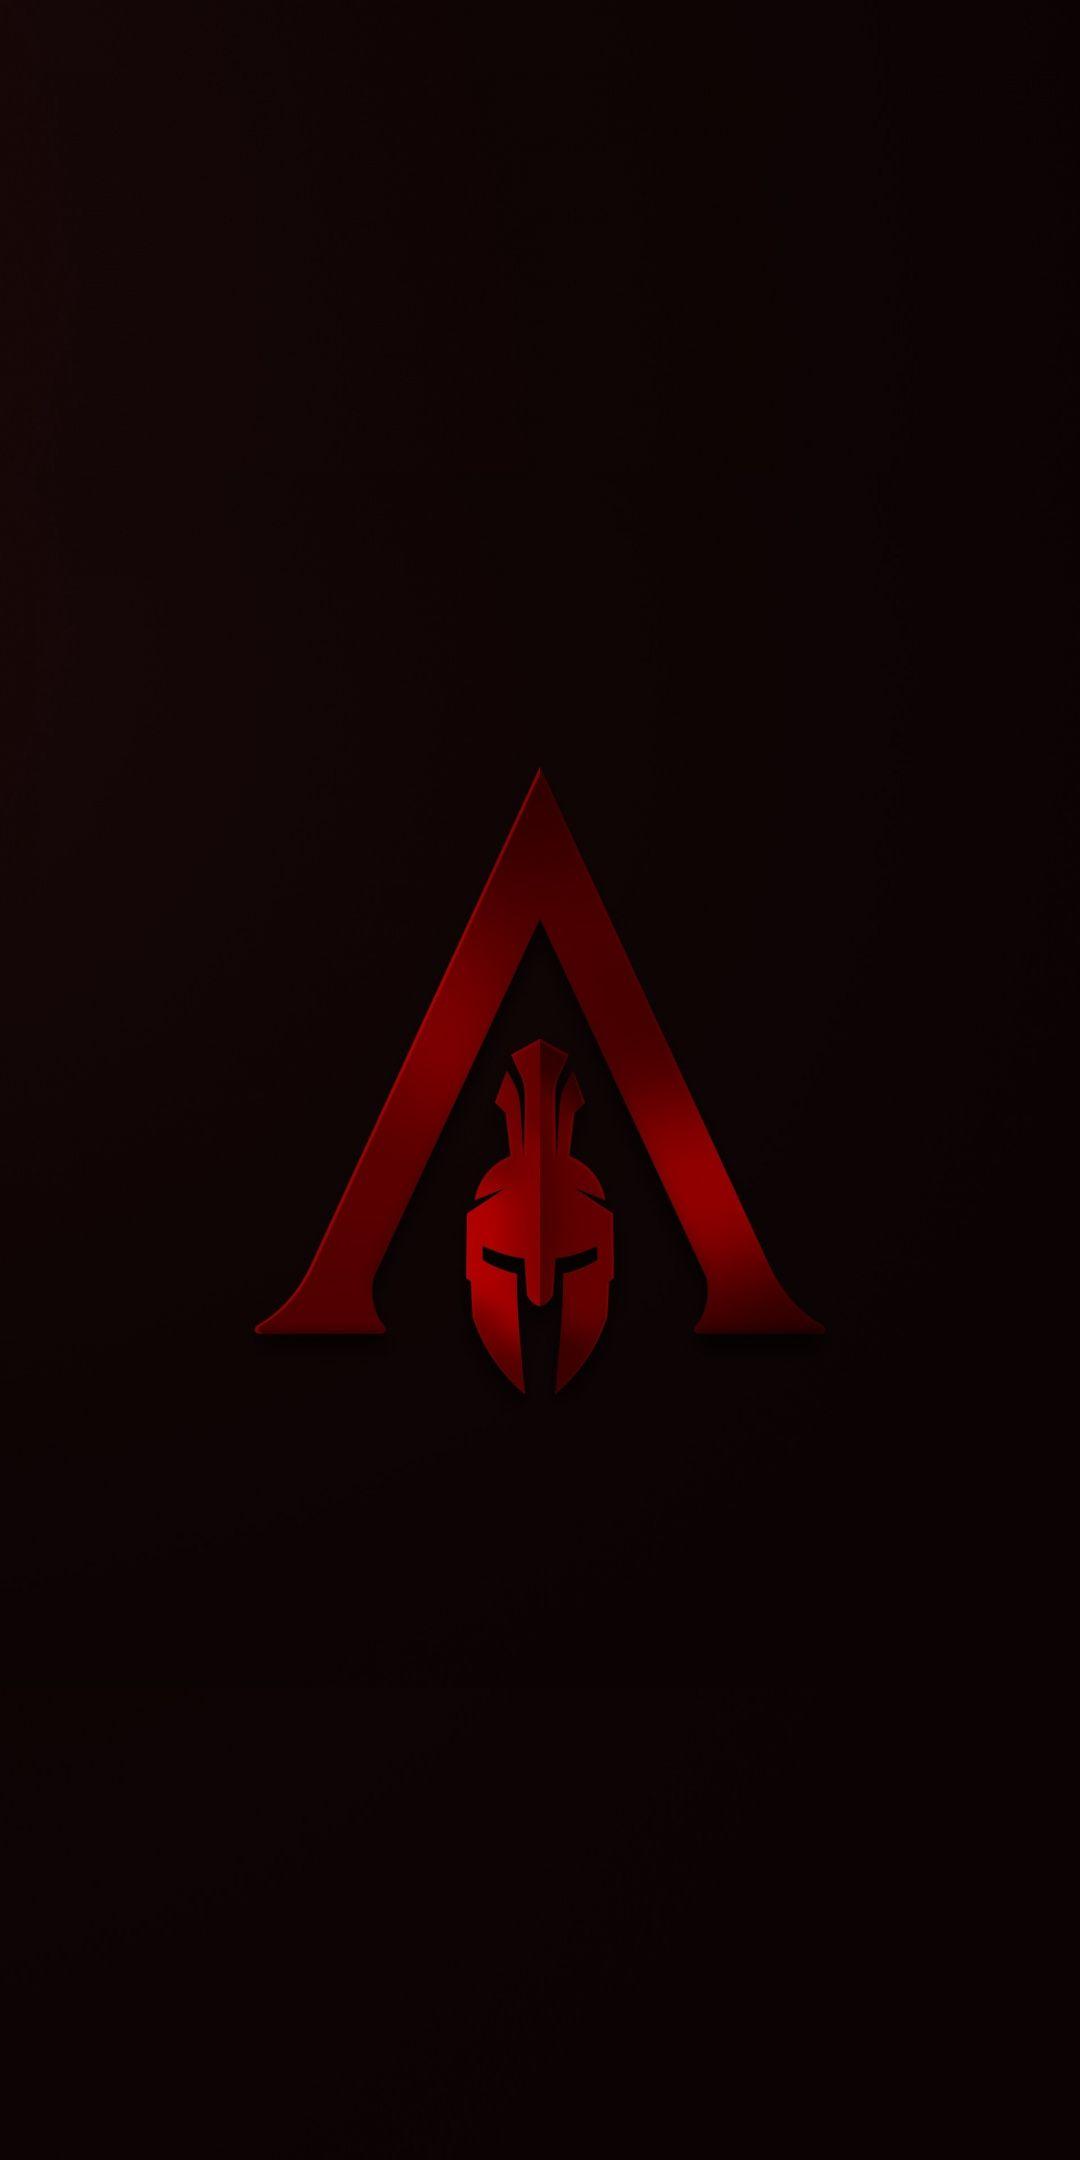 Helmet Minimal Assassin S Creed Odyssey 1080x2160 Wallpaper